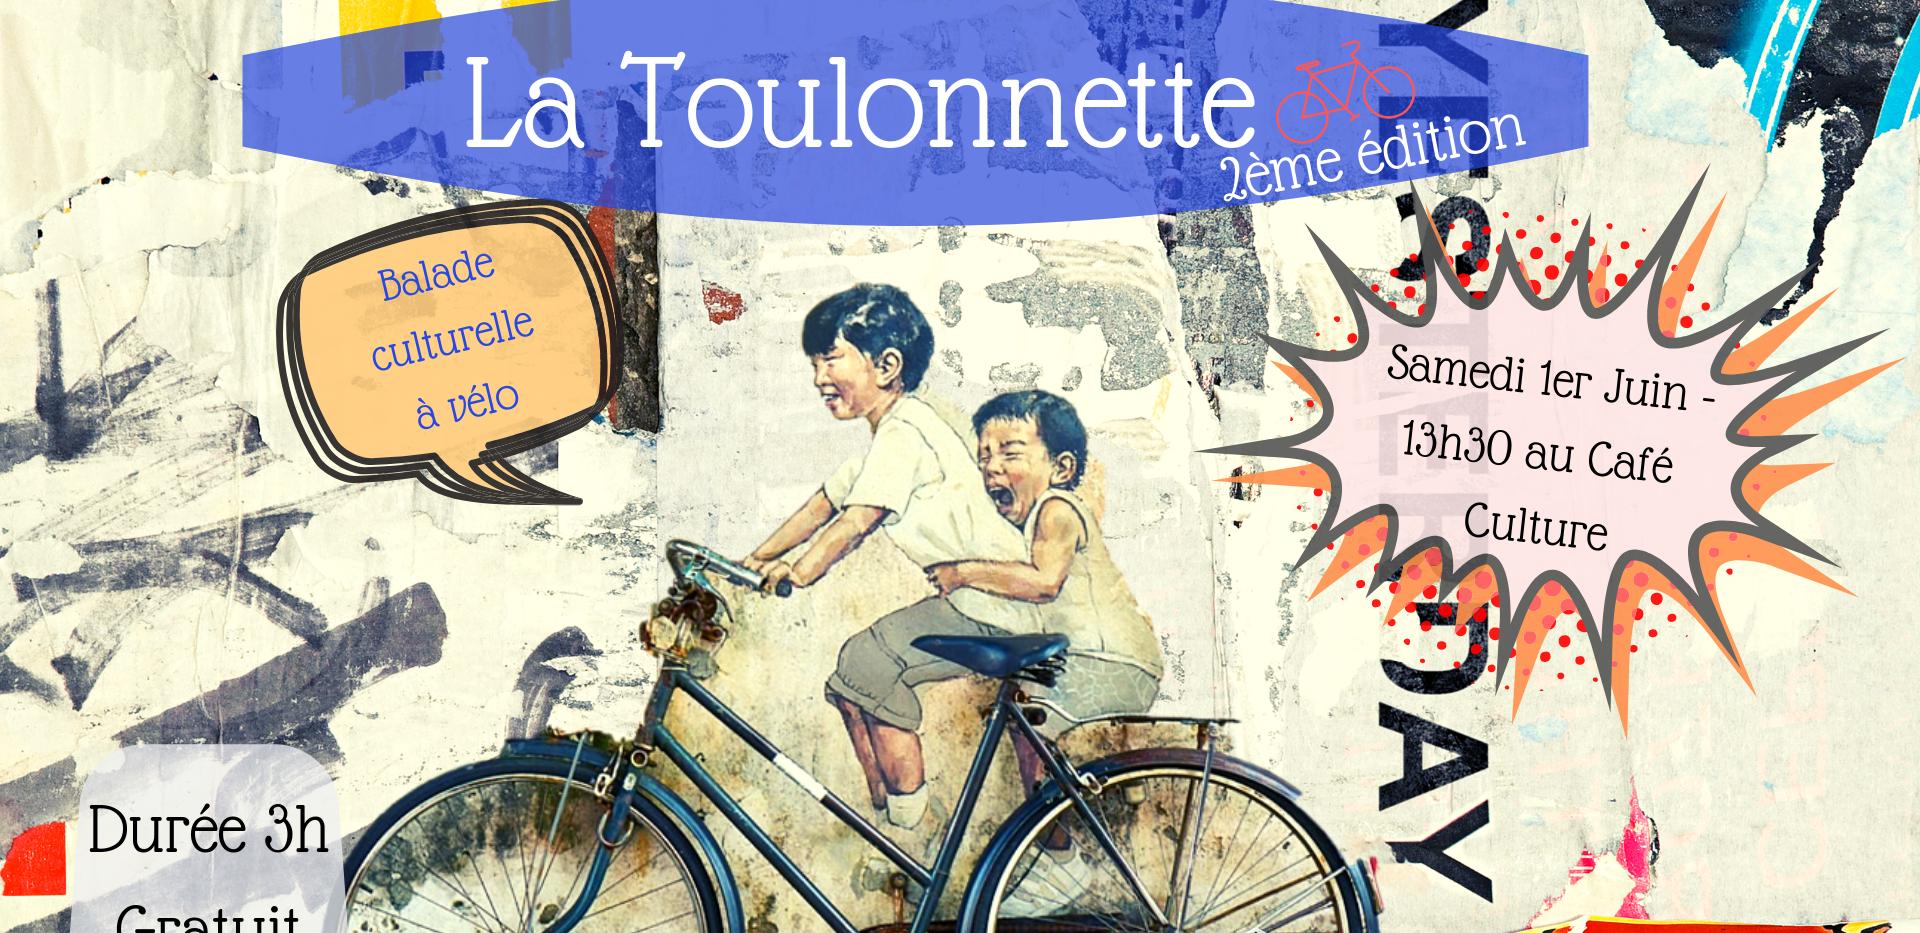 Toulonnette 2019